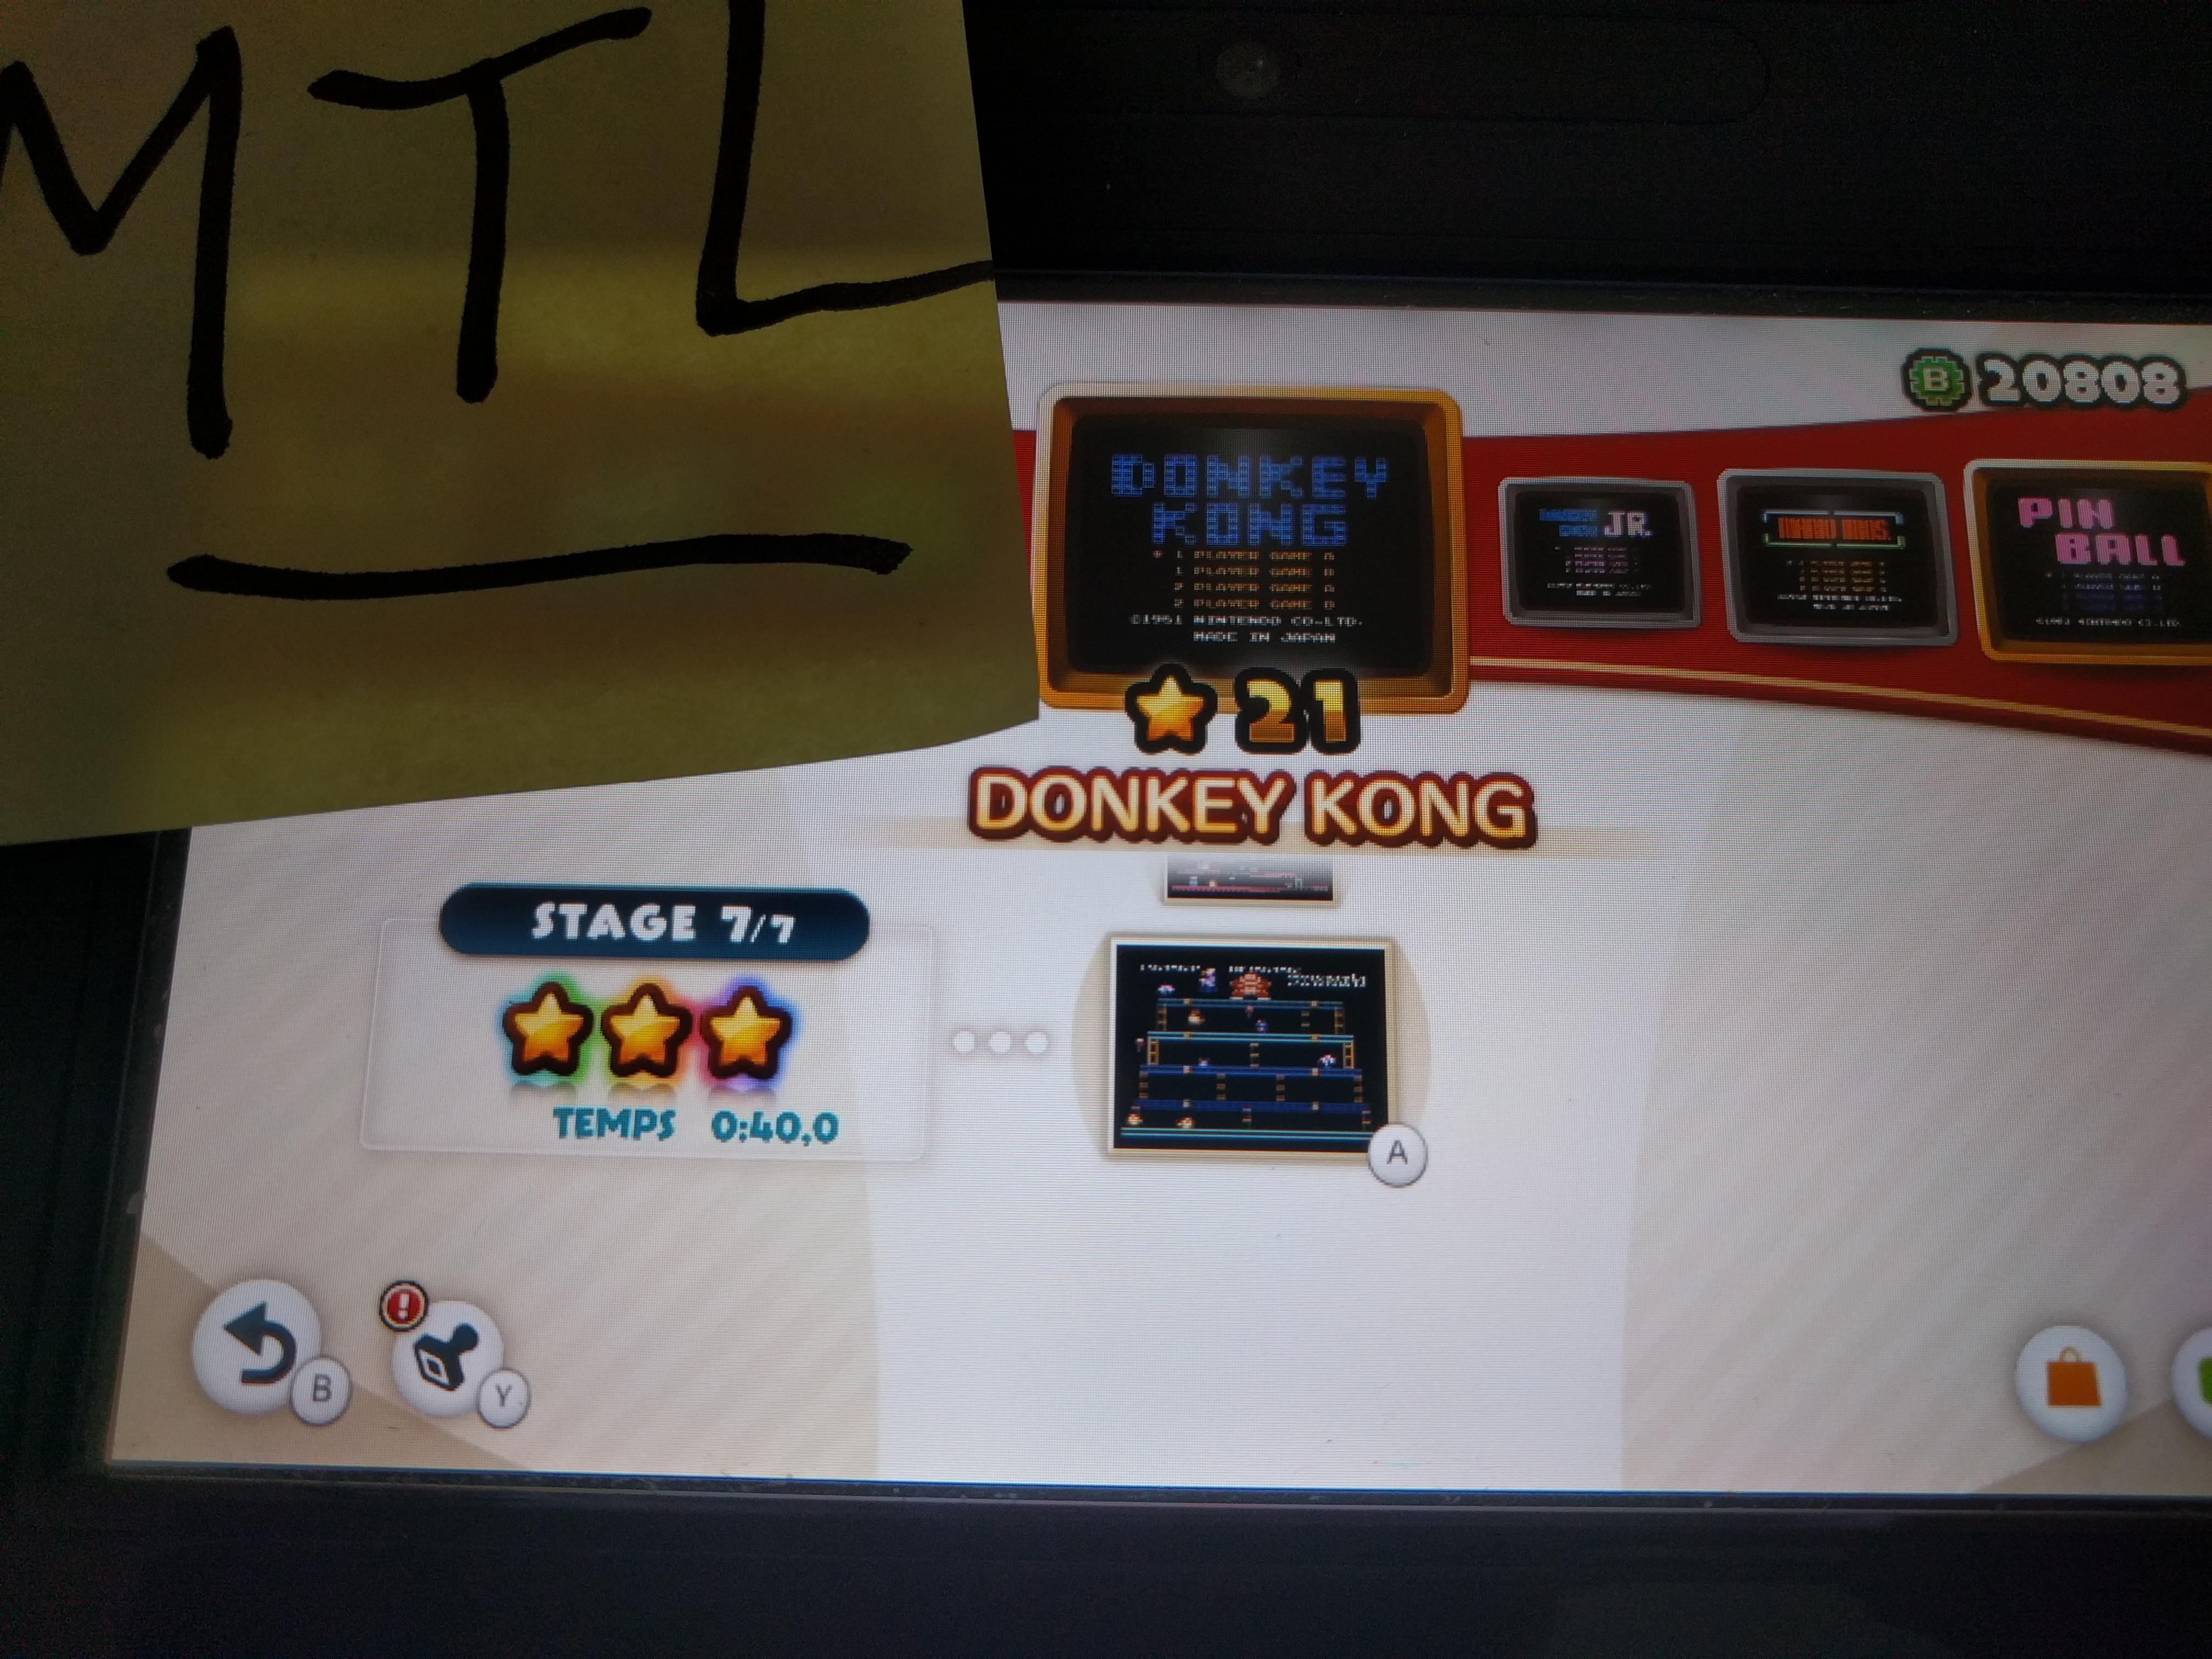 Mantalow: NES Remix: Donkey Kong: Stage 7 (Wii U) 0:00:40 points on 2016-06-06 16:36:20